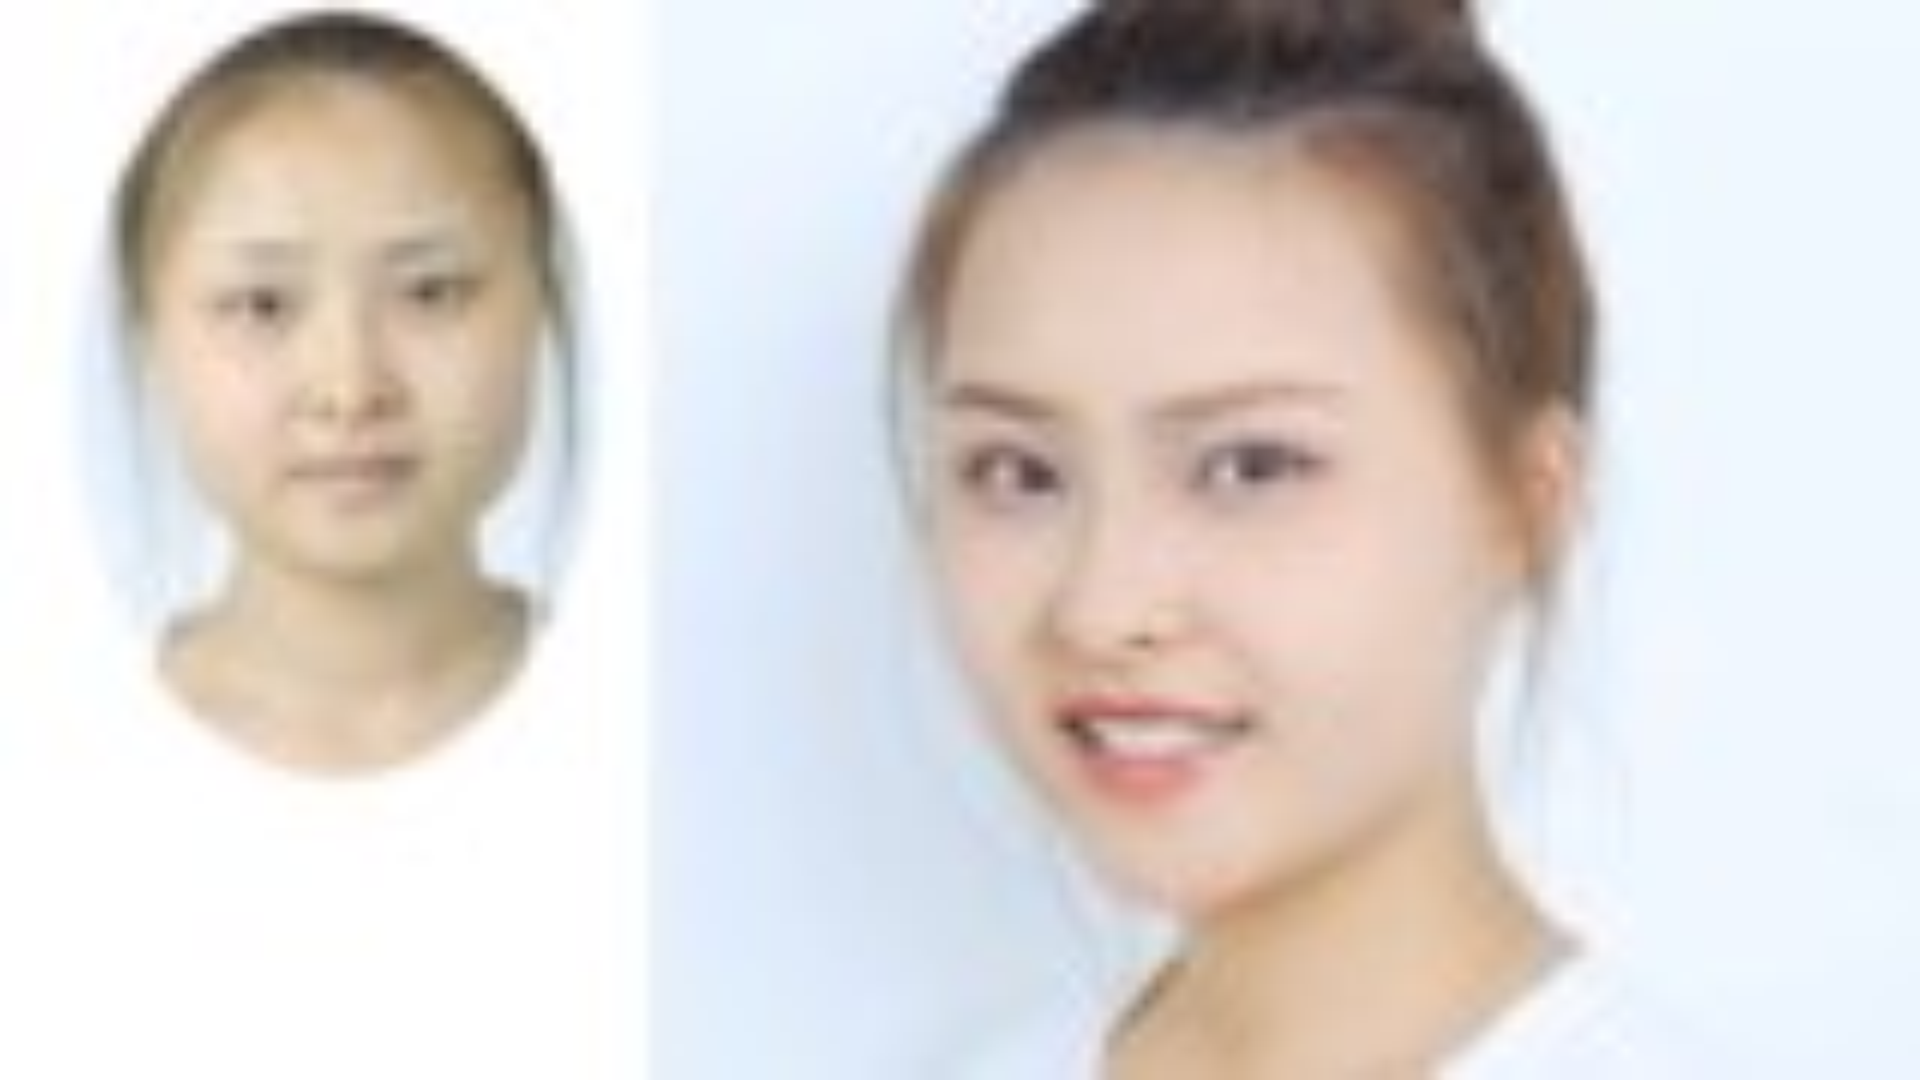 成都双眼皮:无神单眼皮女生割双眼皮恢复1月  眼睛放大有神 恢复超快